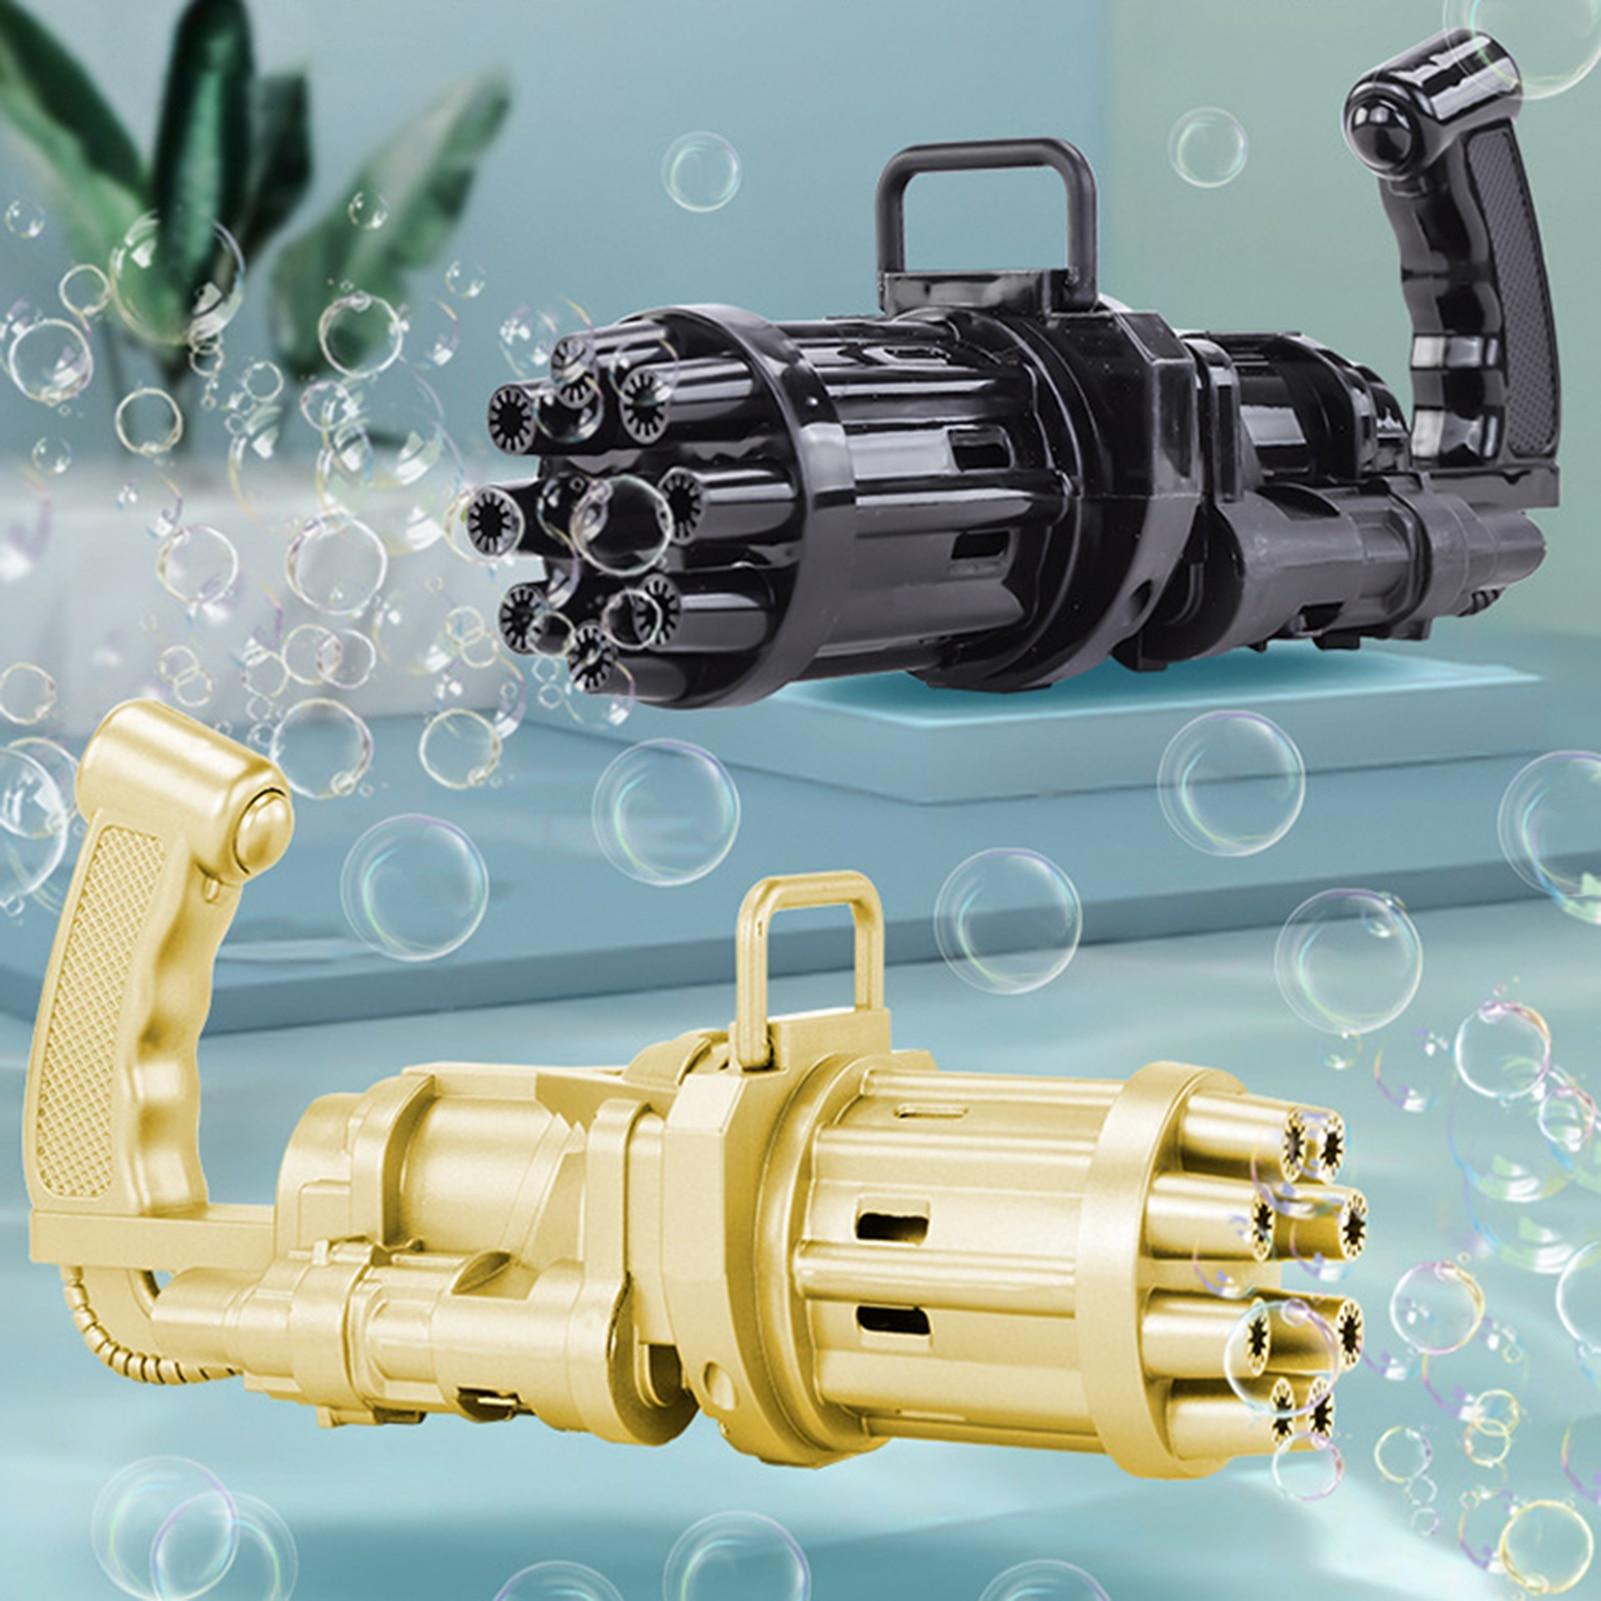 Новинка, детский пистолет для пузырей Gatling, летняя автоматическая машина для мыльных пузырей с водой для детей, для малышей, для дома и улицы, для свадьбы Мыльные пузыри      АлиЭкспресс